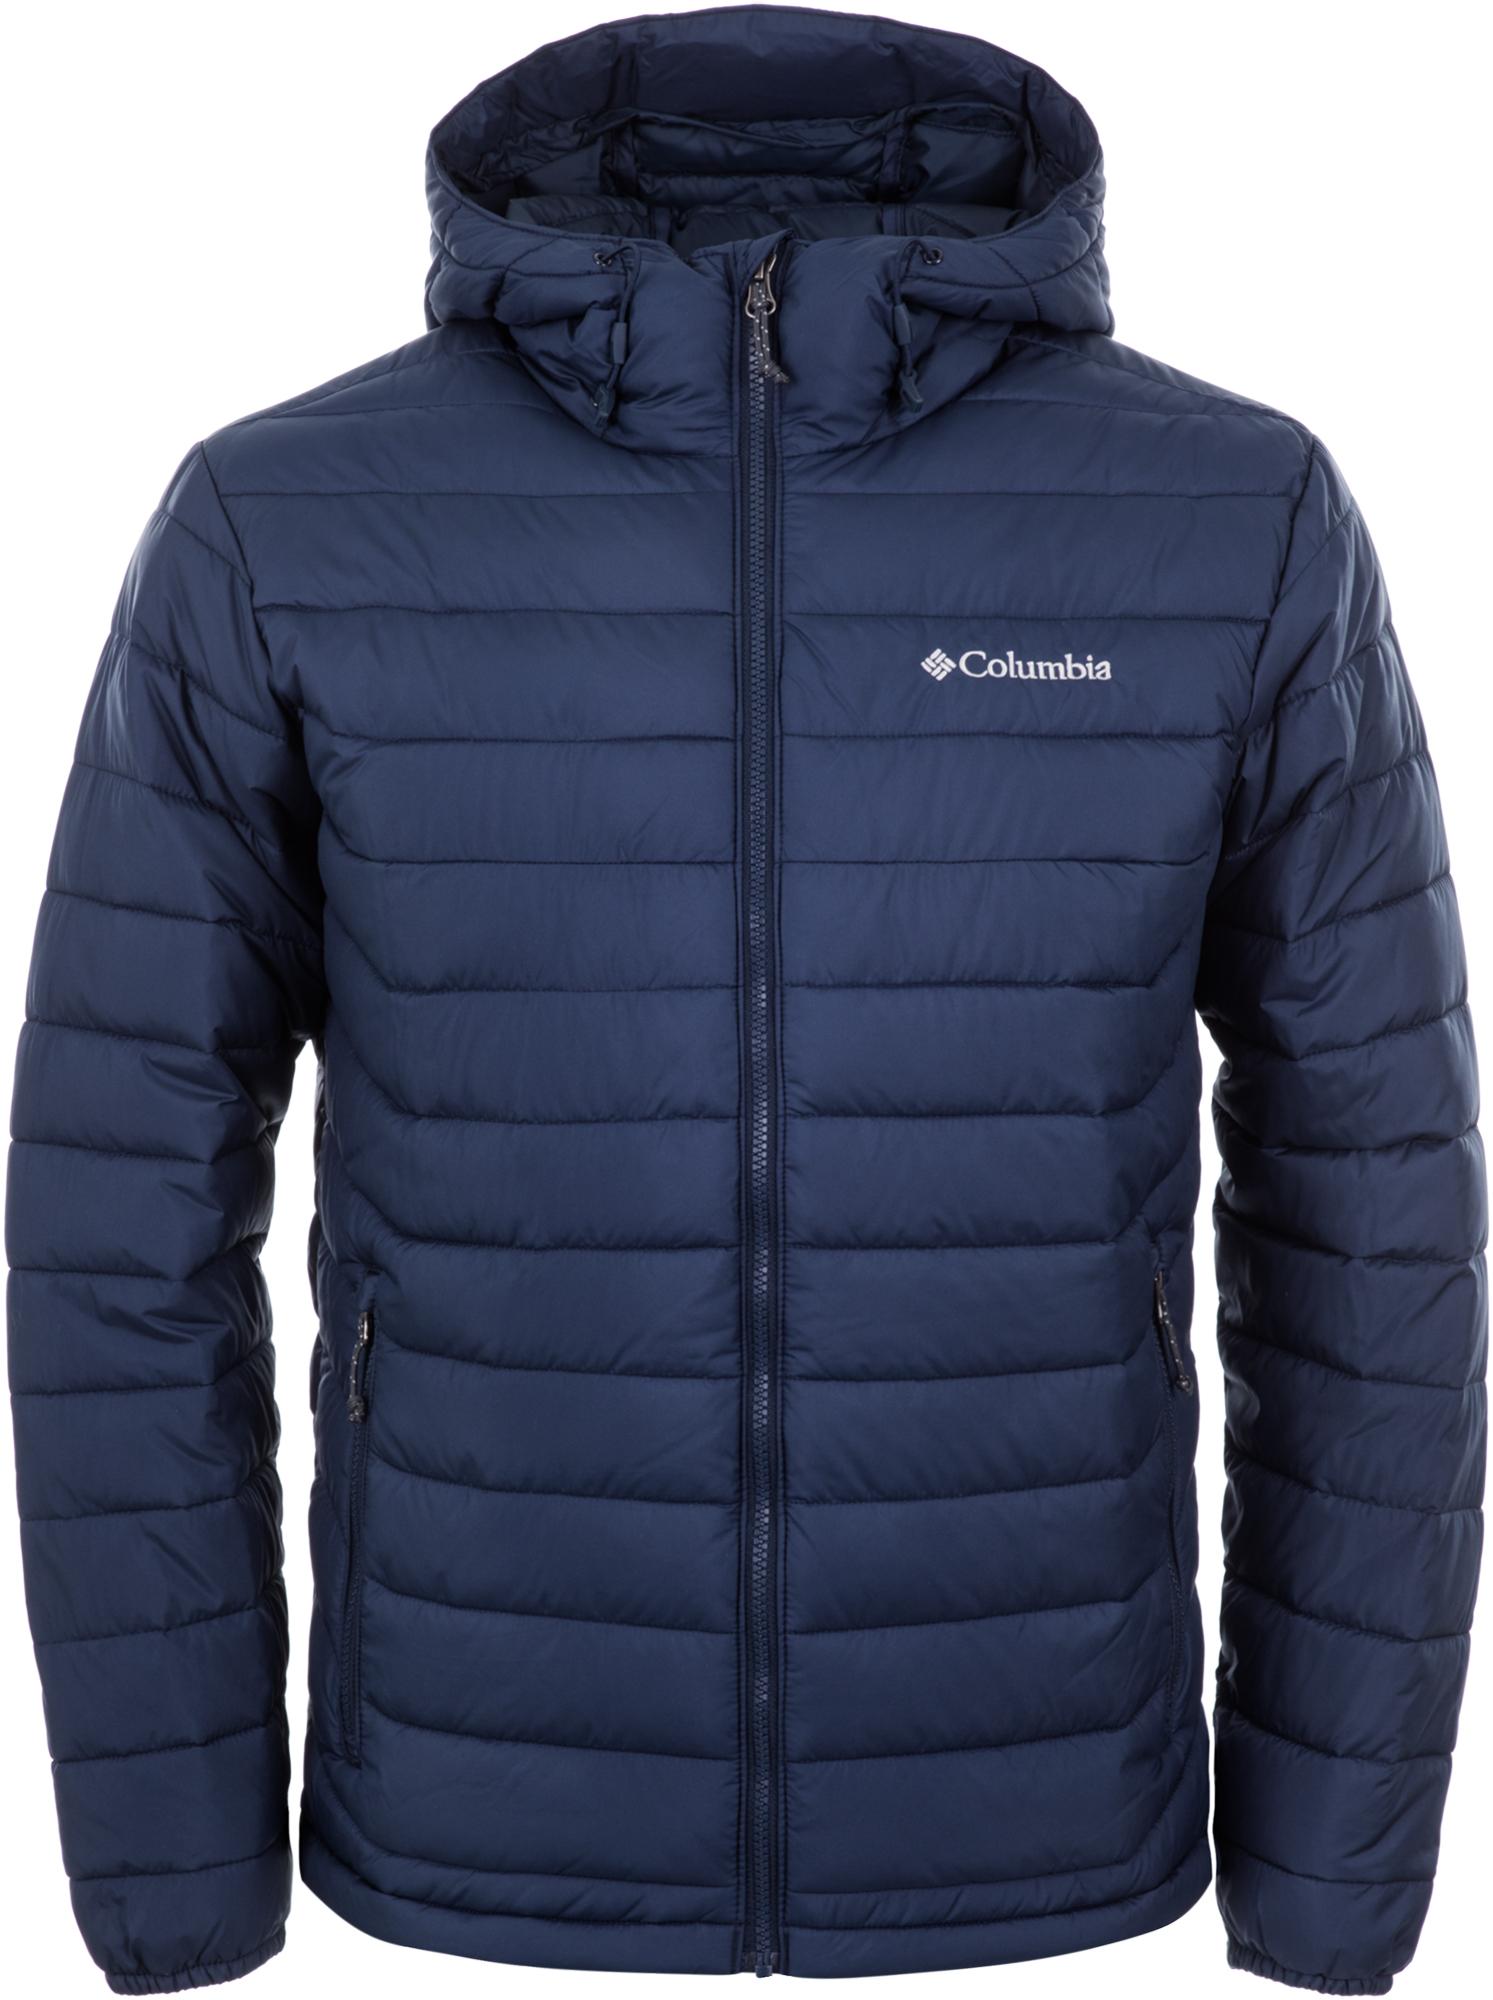 Columbia Куртка утепленная мужская Columbia Powder Lite, размер 52-54 цена